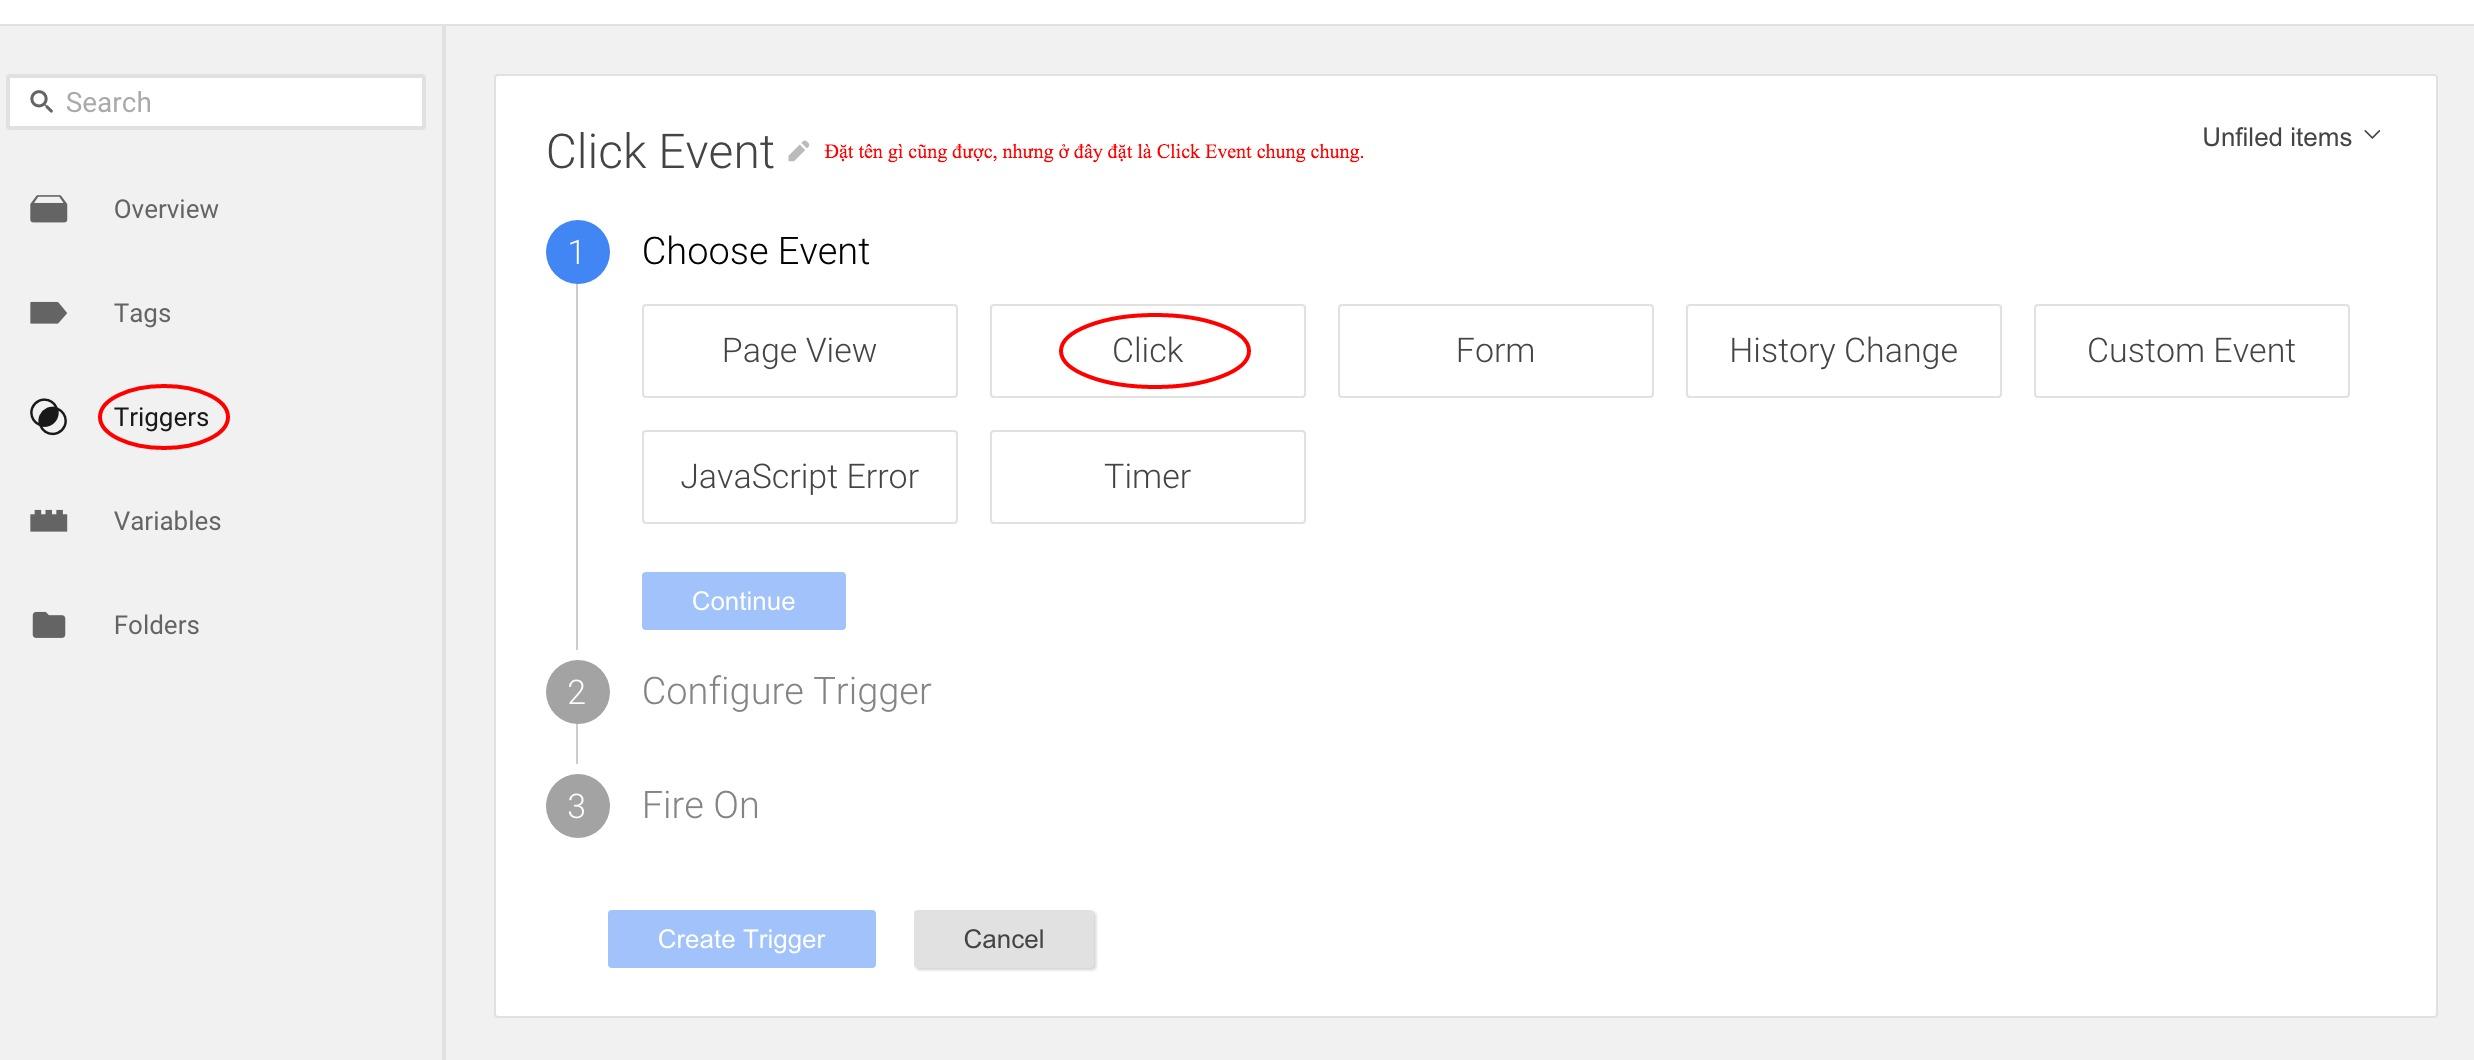 Click Event - Trigger